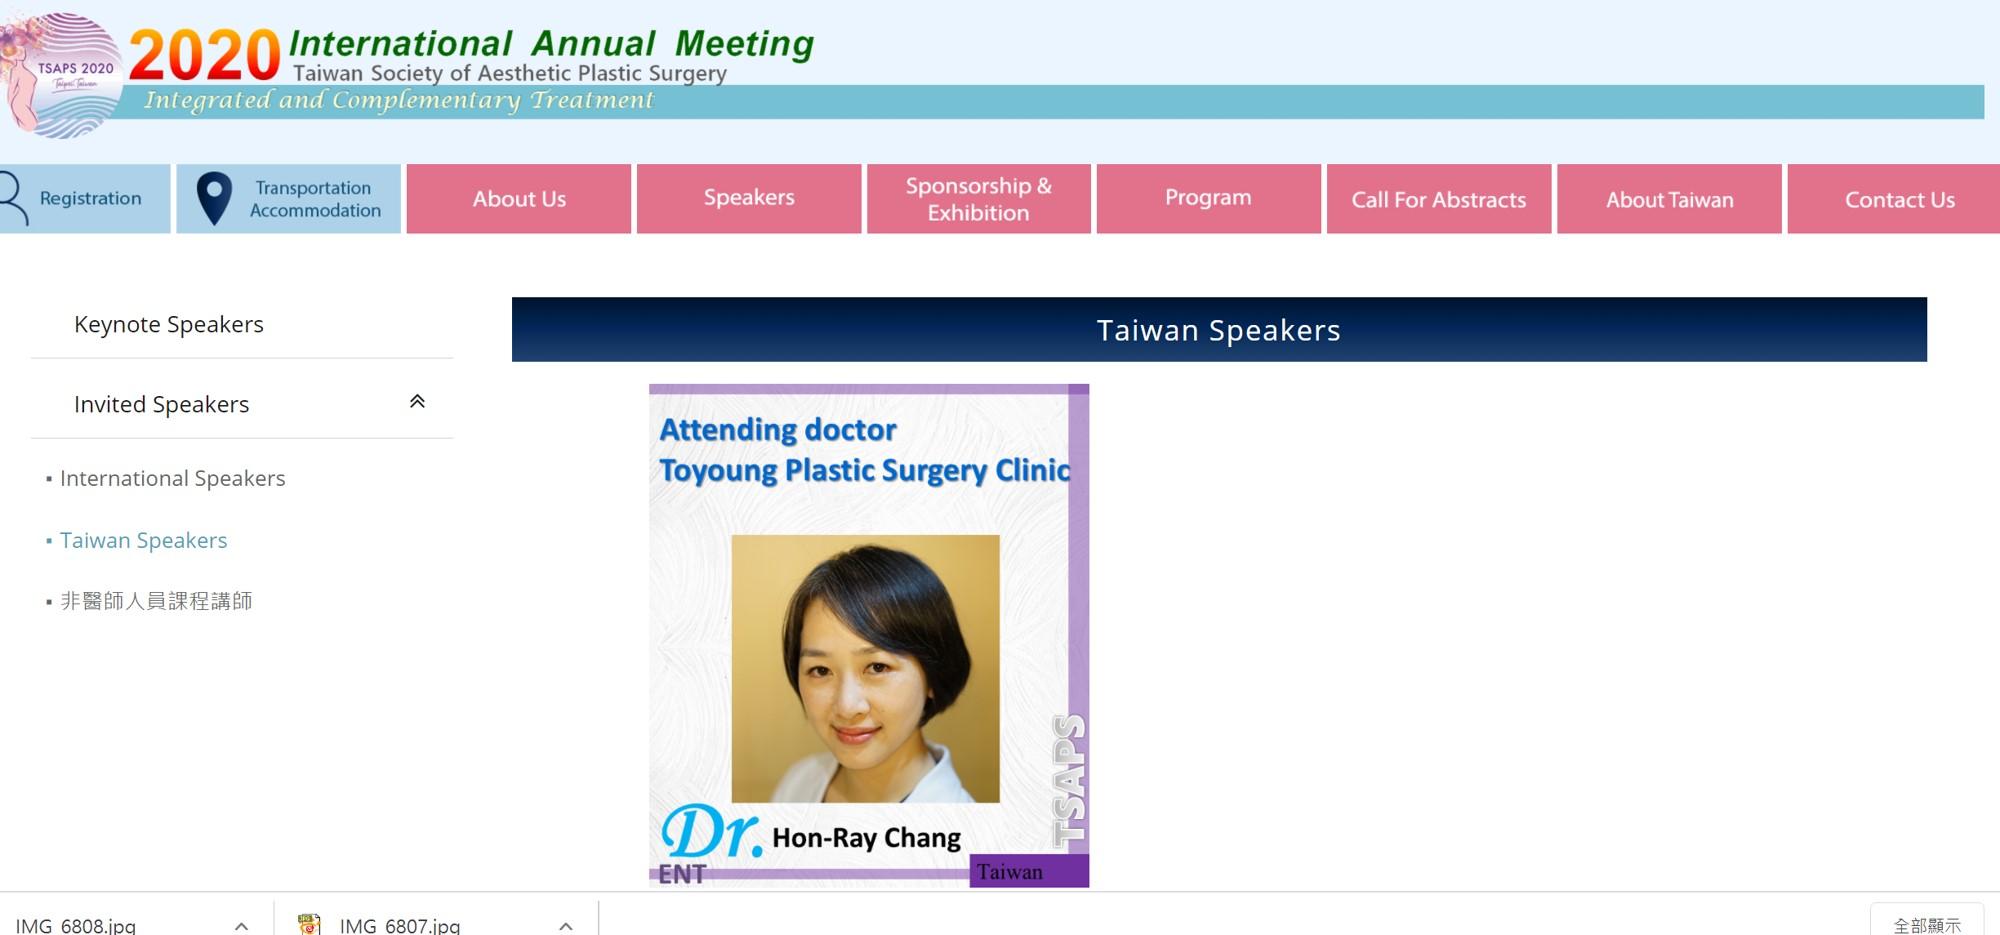 本診所張睿紘醫師受邀將於2020年11月15日於台灣美容外科醫學年會上發表眉心整形相關演講